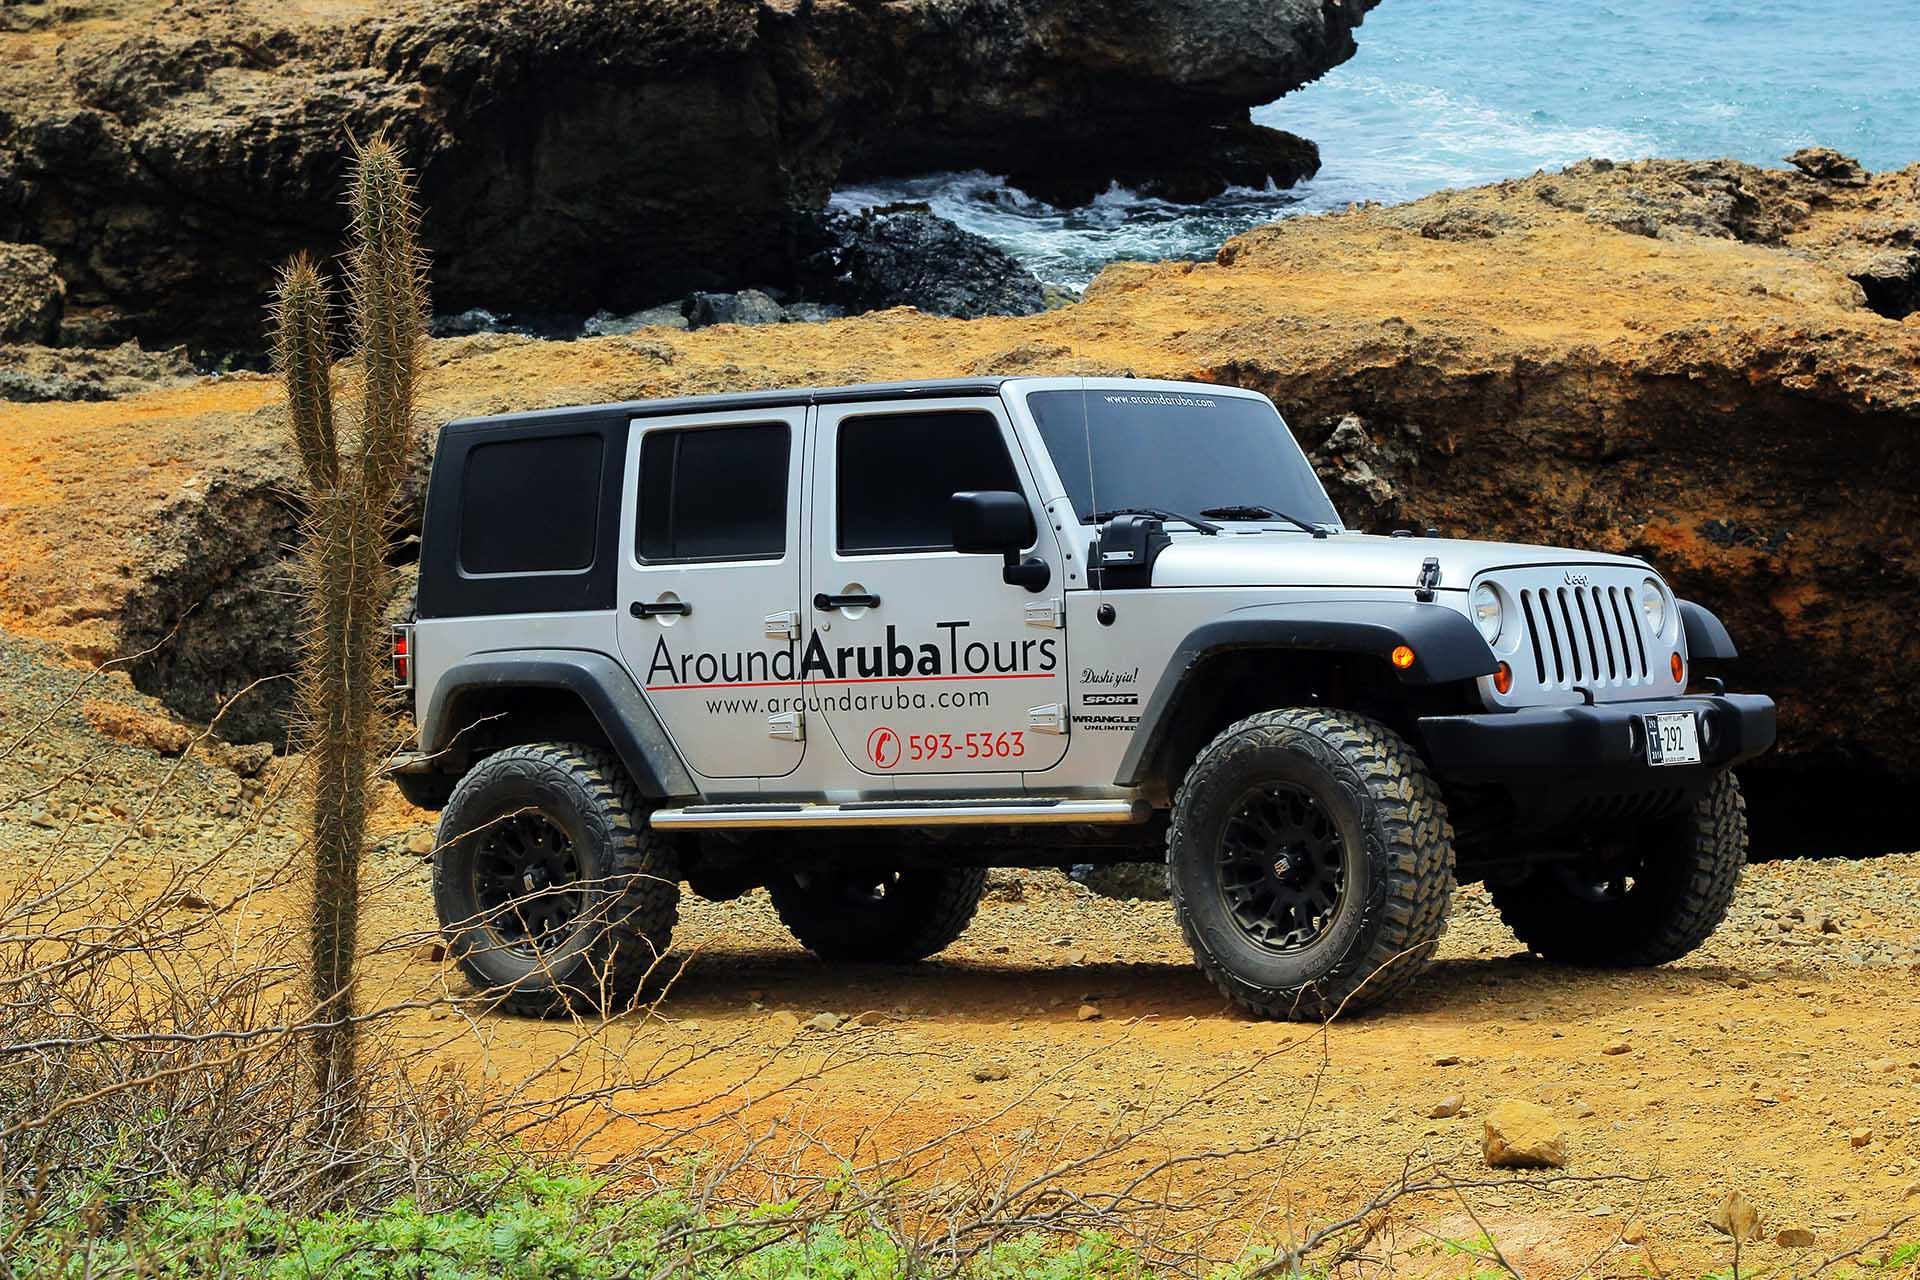 Private Jeep Tour Aruba